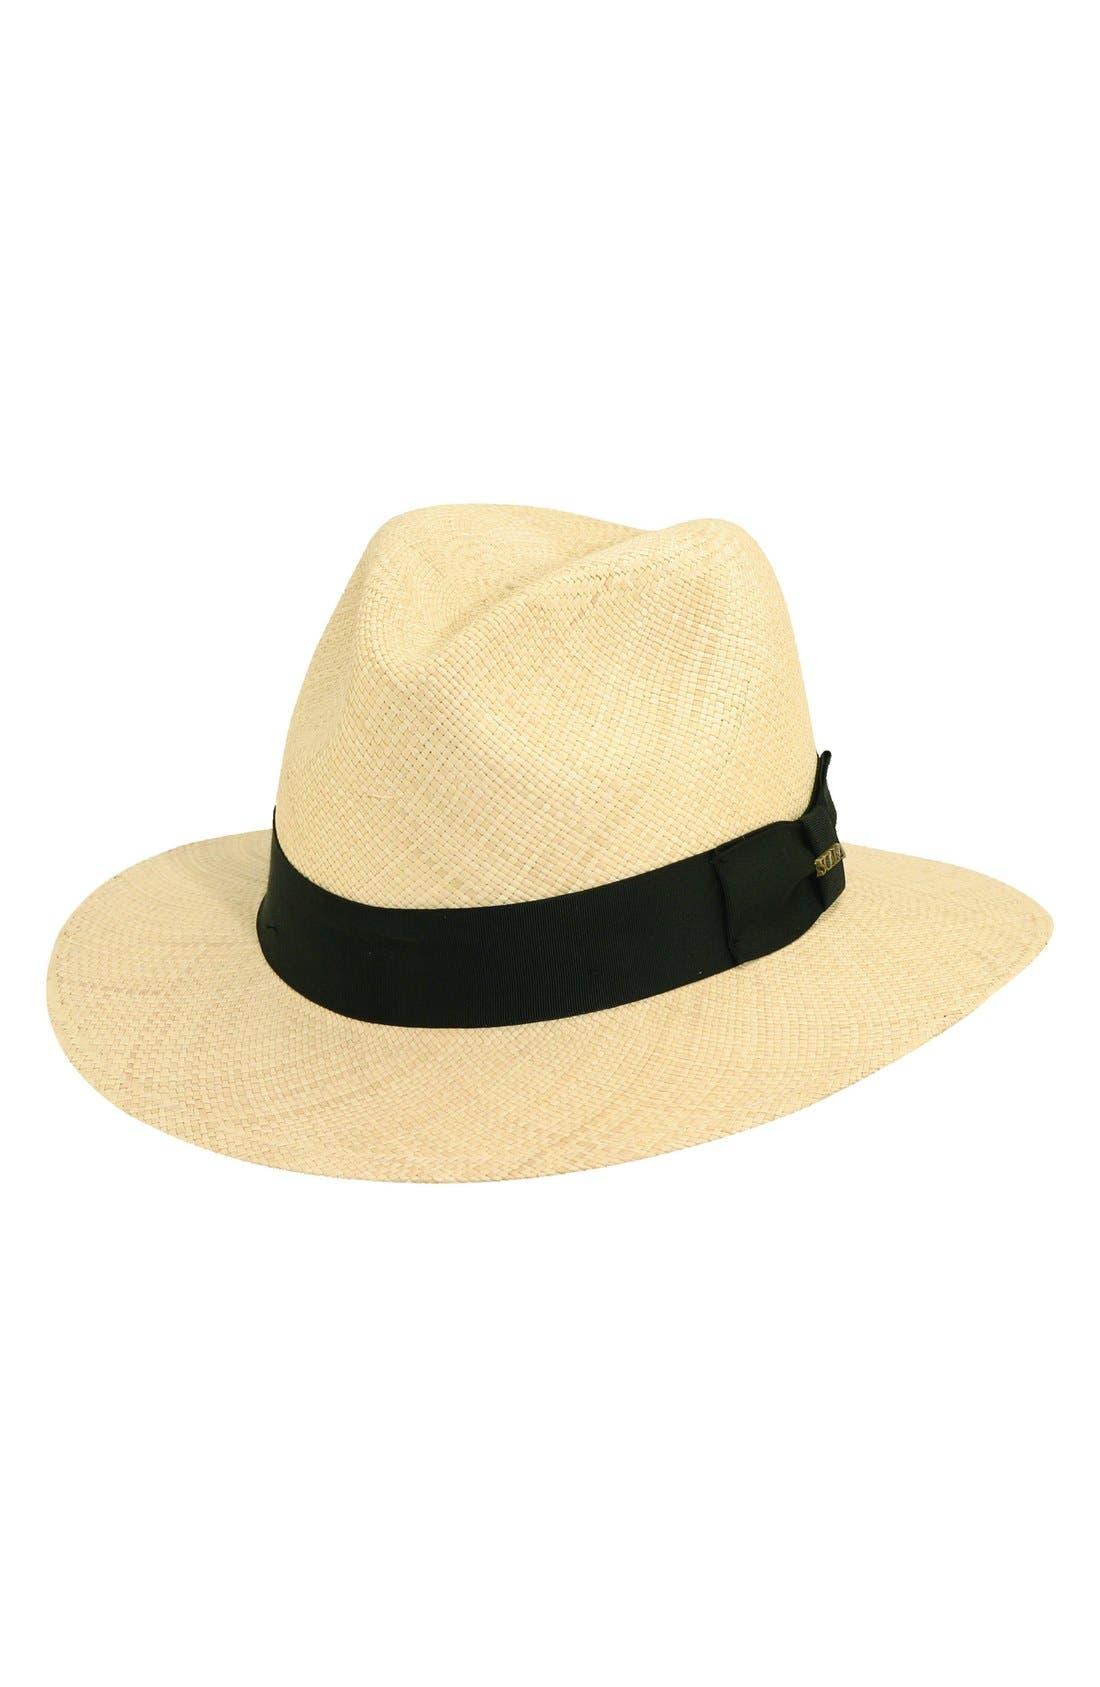 Main Image - Scala Panama Straw Safari Hat